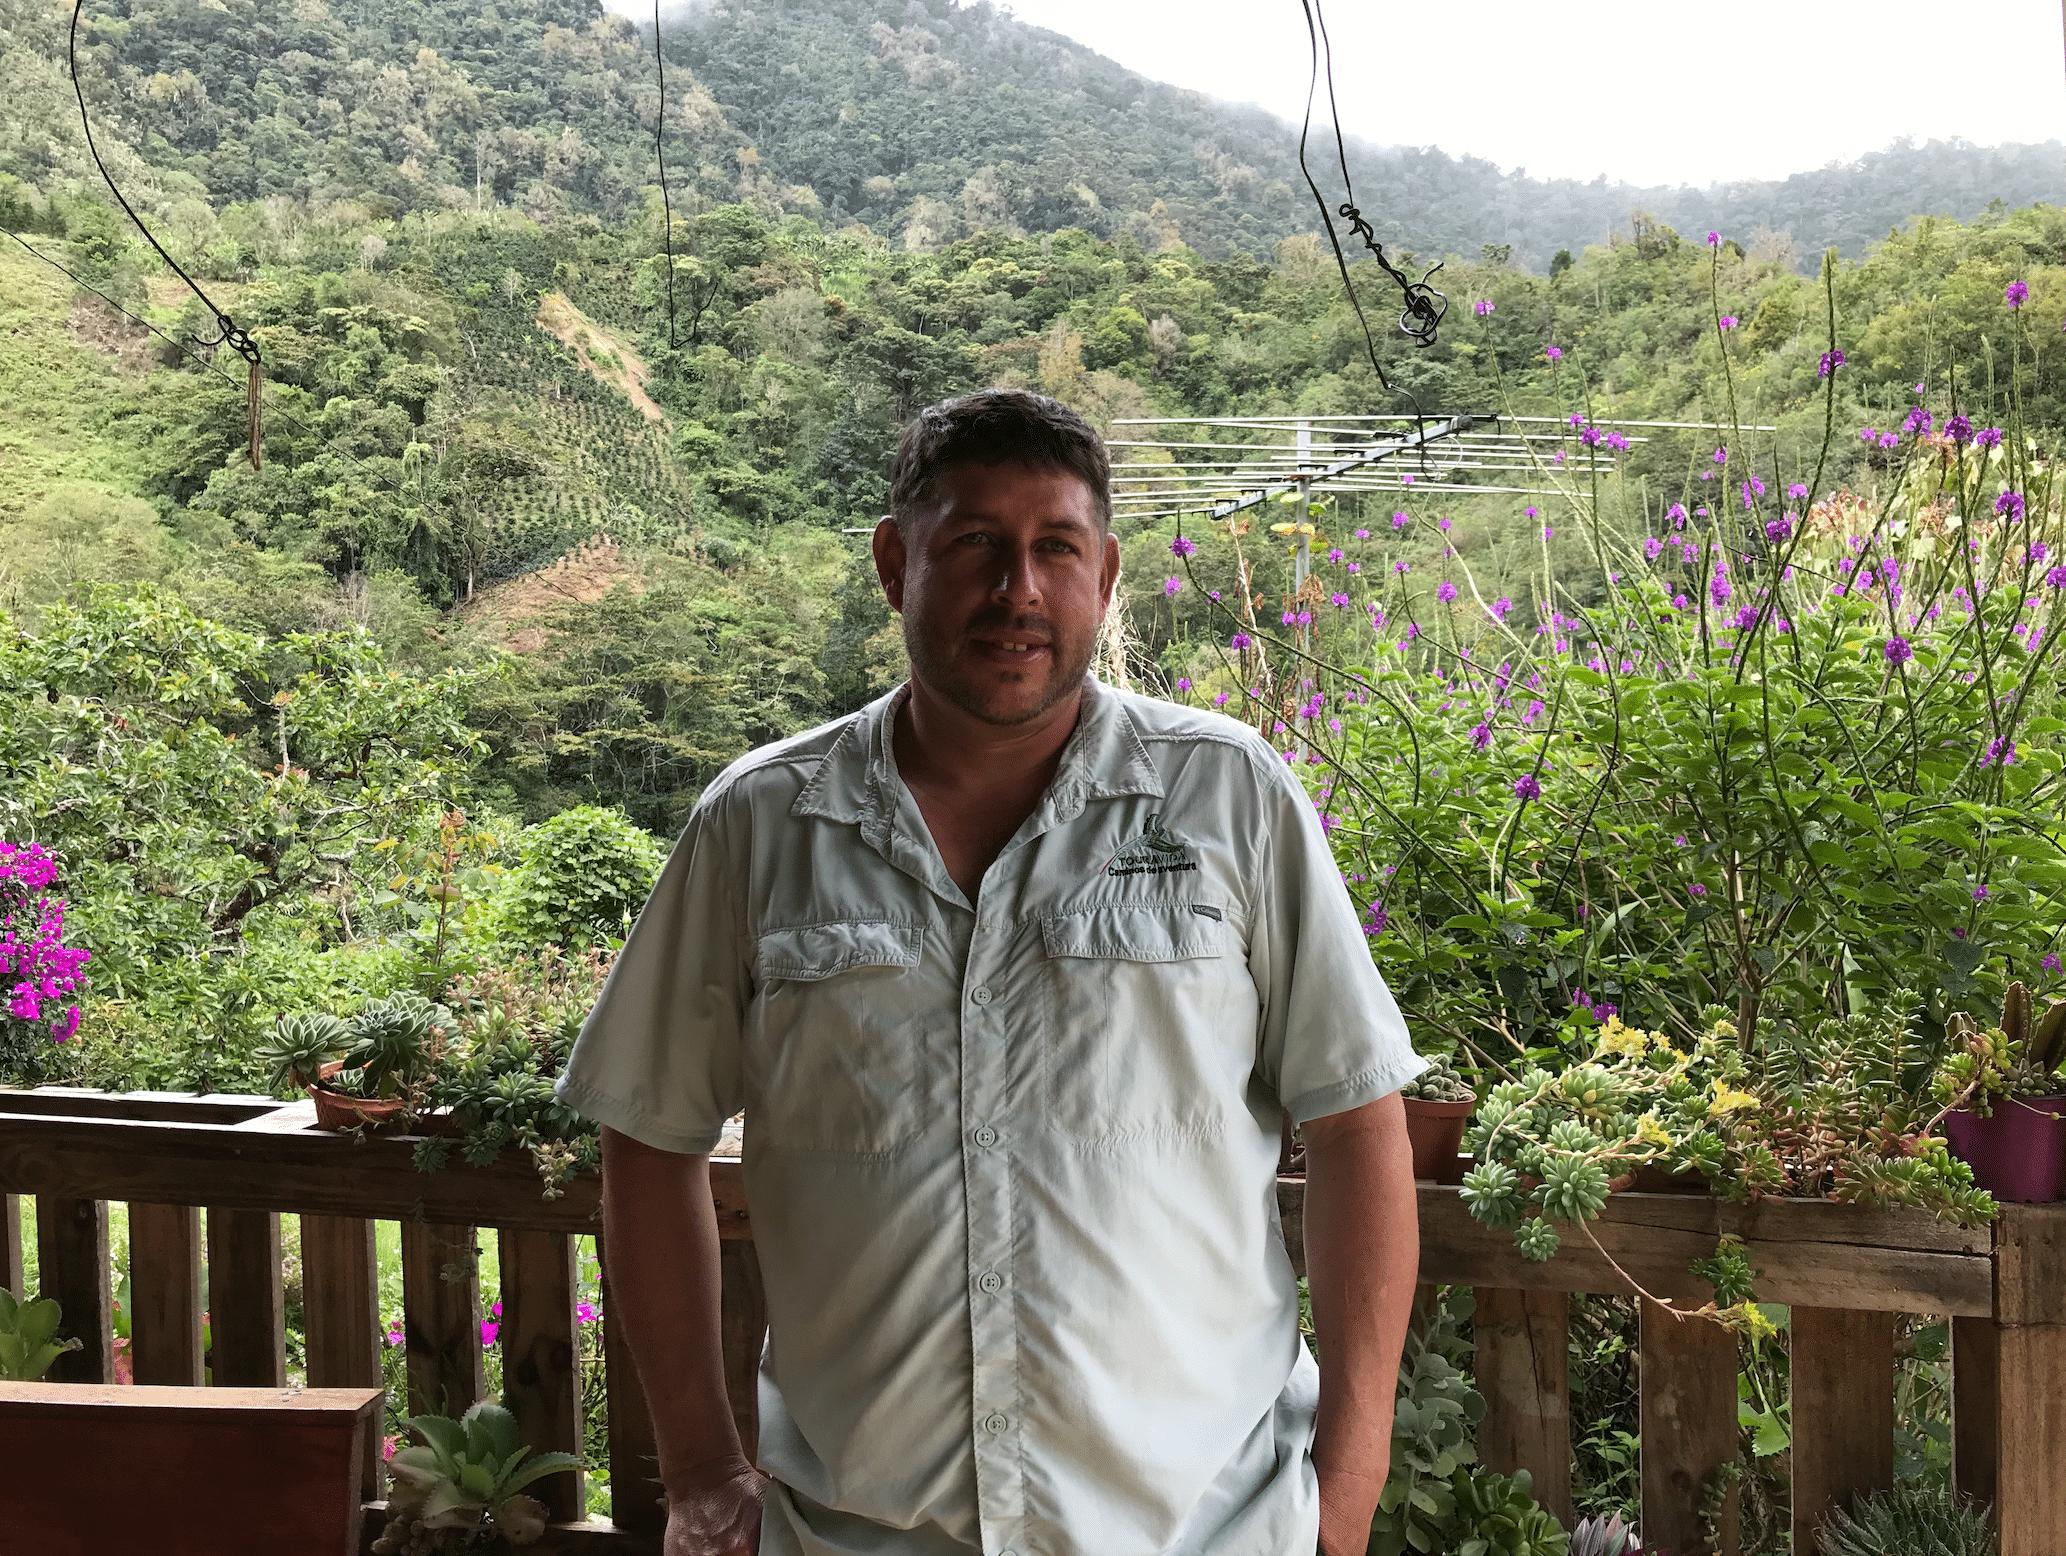 voyage-chez-l-habitant-au-costa-rica-adrian